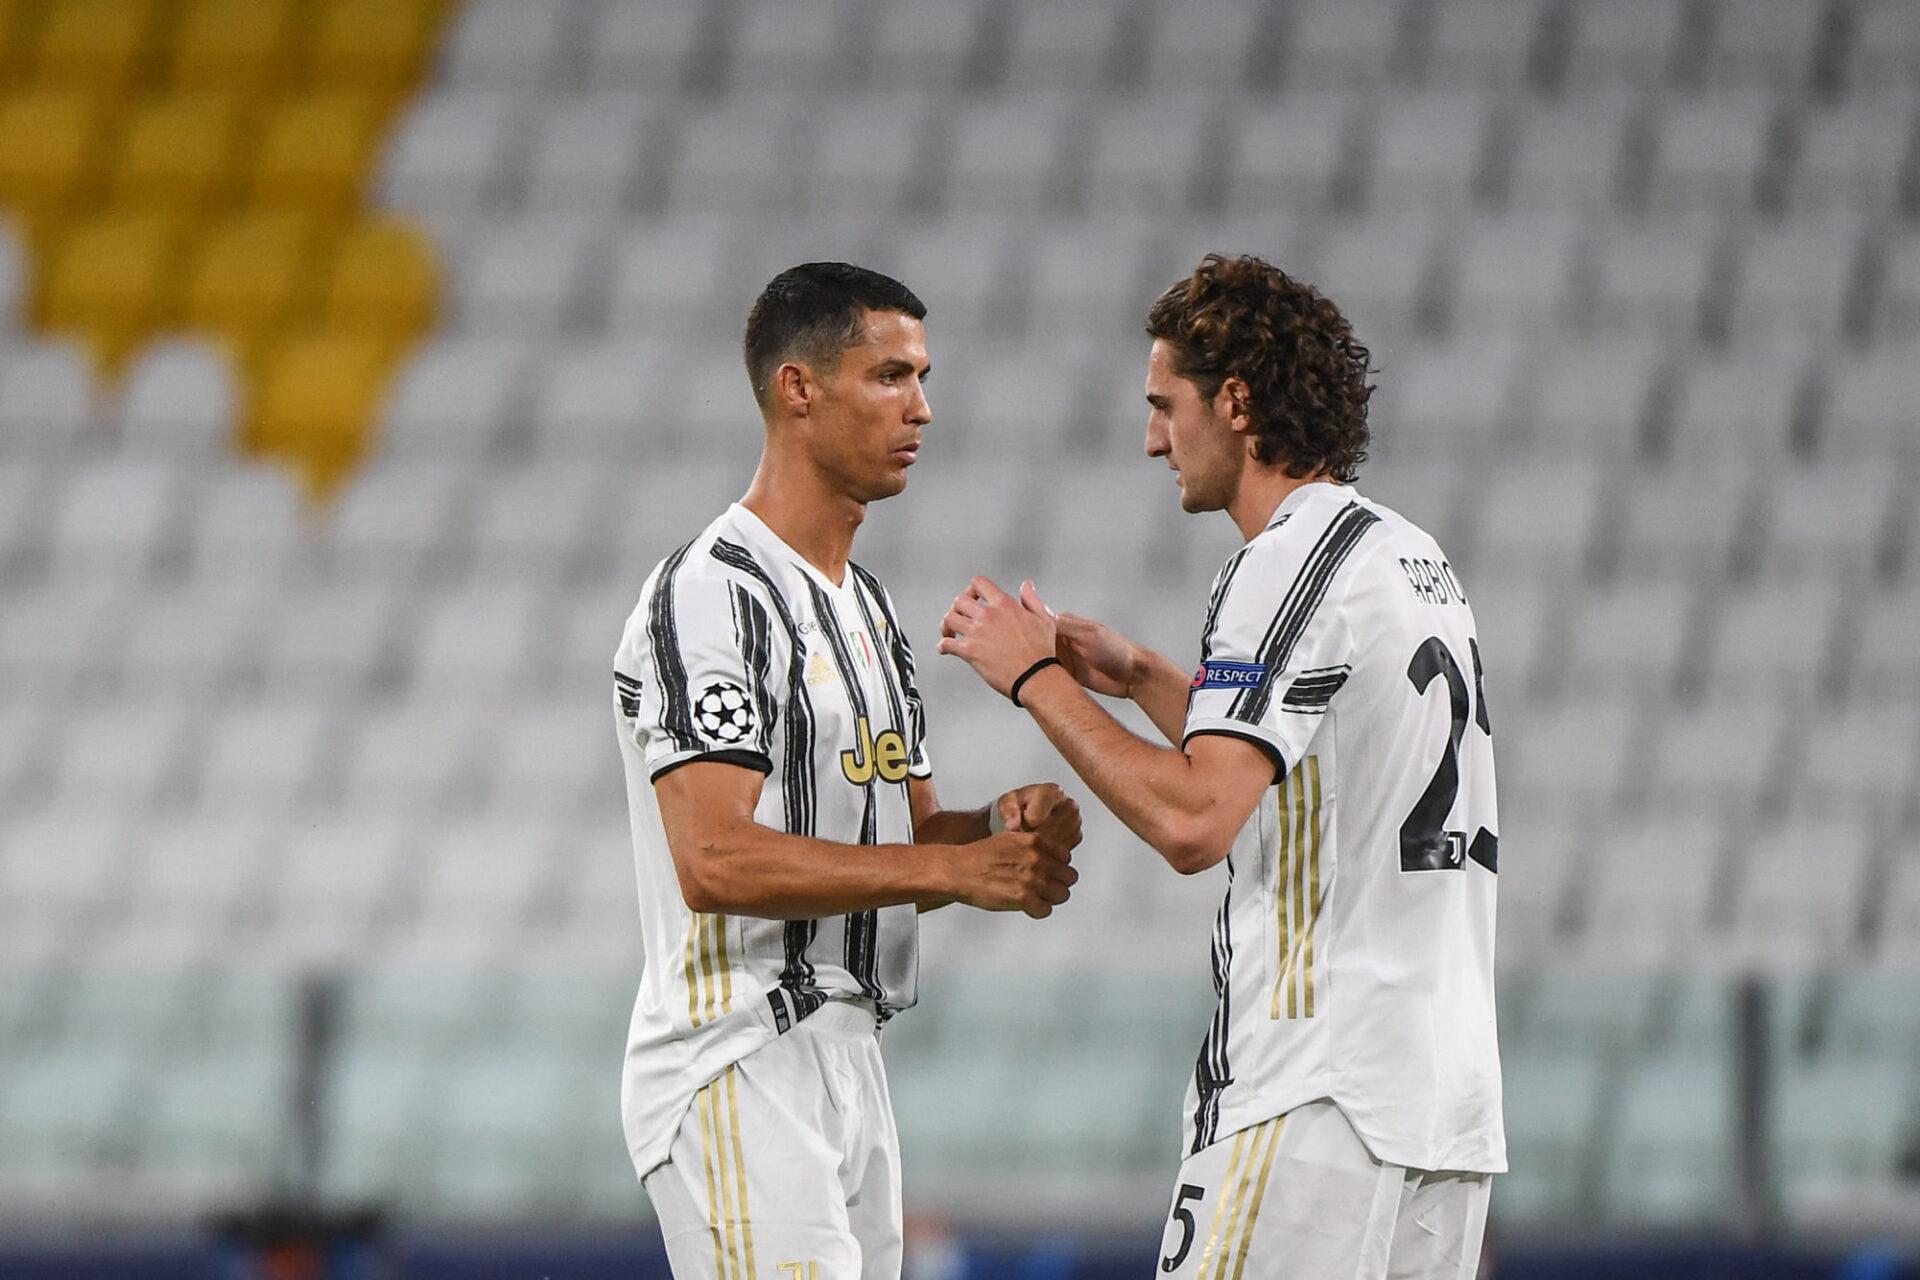 Cristiano Ronaldo et Adrien Rabiot se connaissent bien. Coéquipiers à la Juve, ils se retrouveront pour le choc entre la France et le Portugal, mercredi 23 juin. Icon Sport